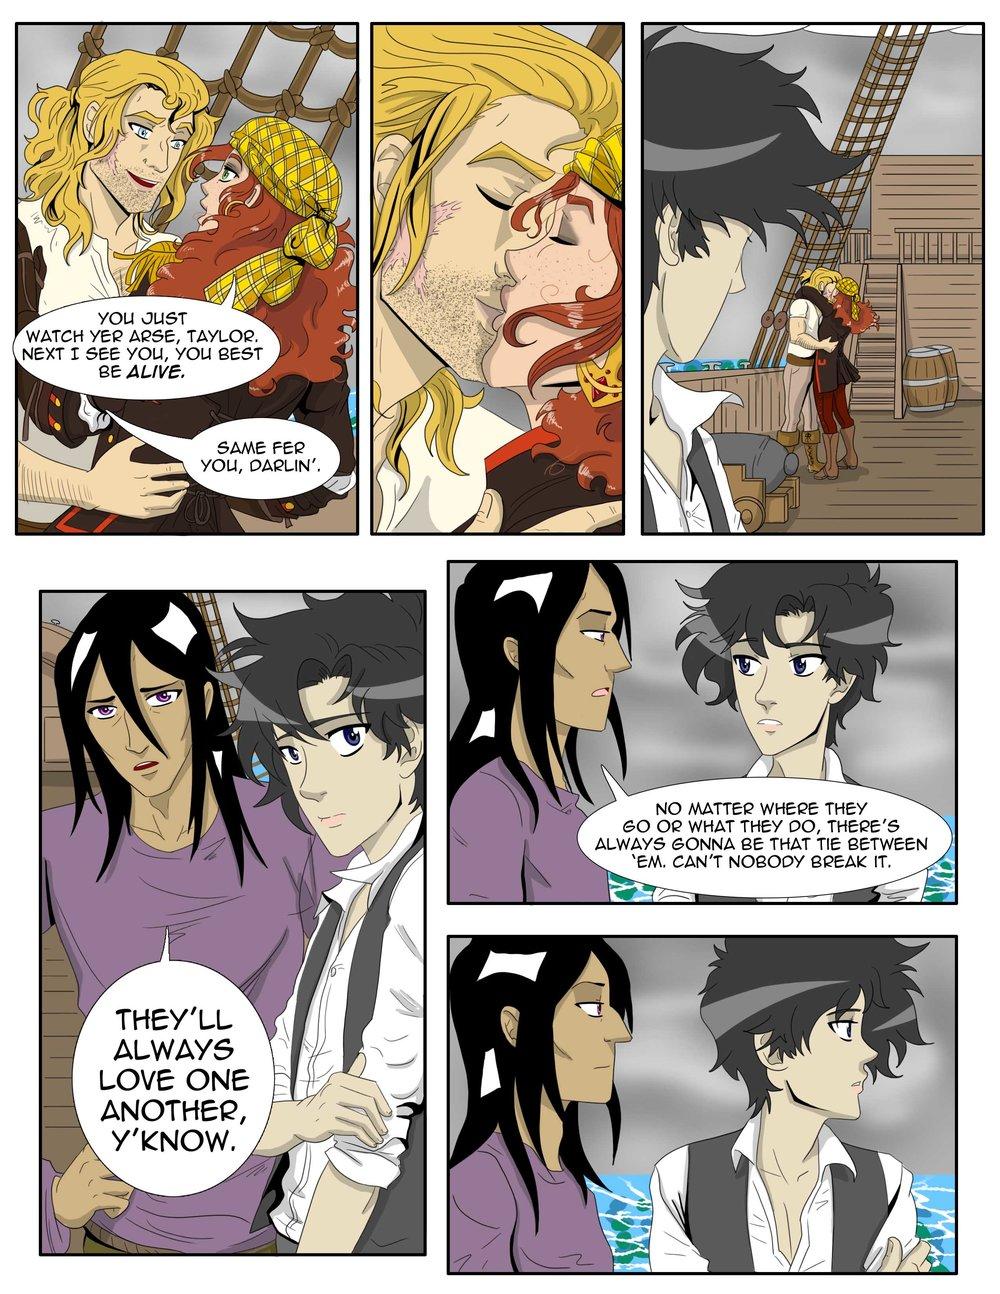 L&L page 10.jpg